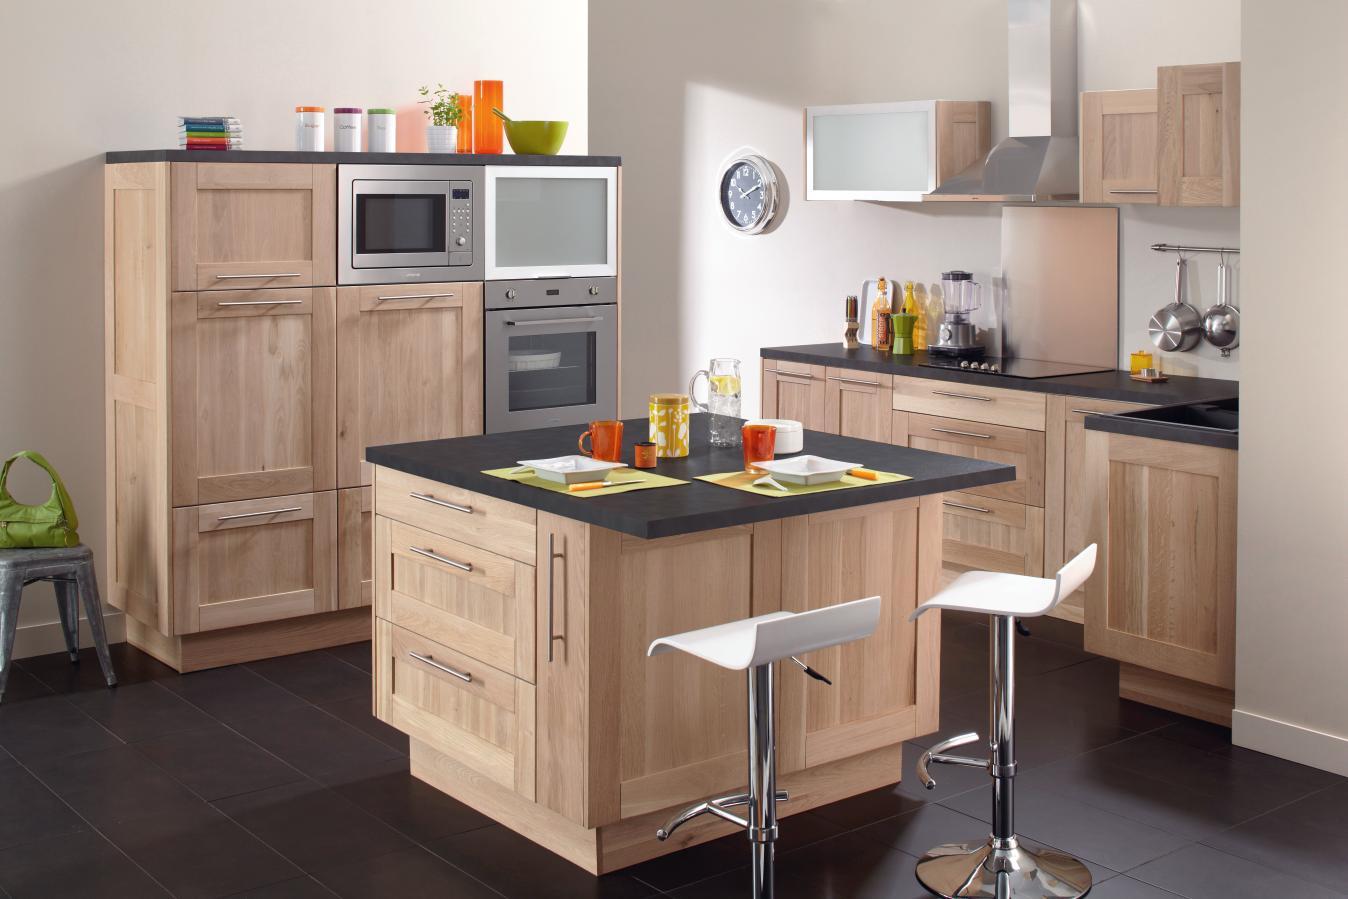 Peinture cuisine avec meuble chene id es de travaux - Peinture a l ancienne pour meuble ...